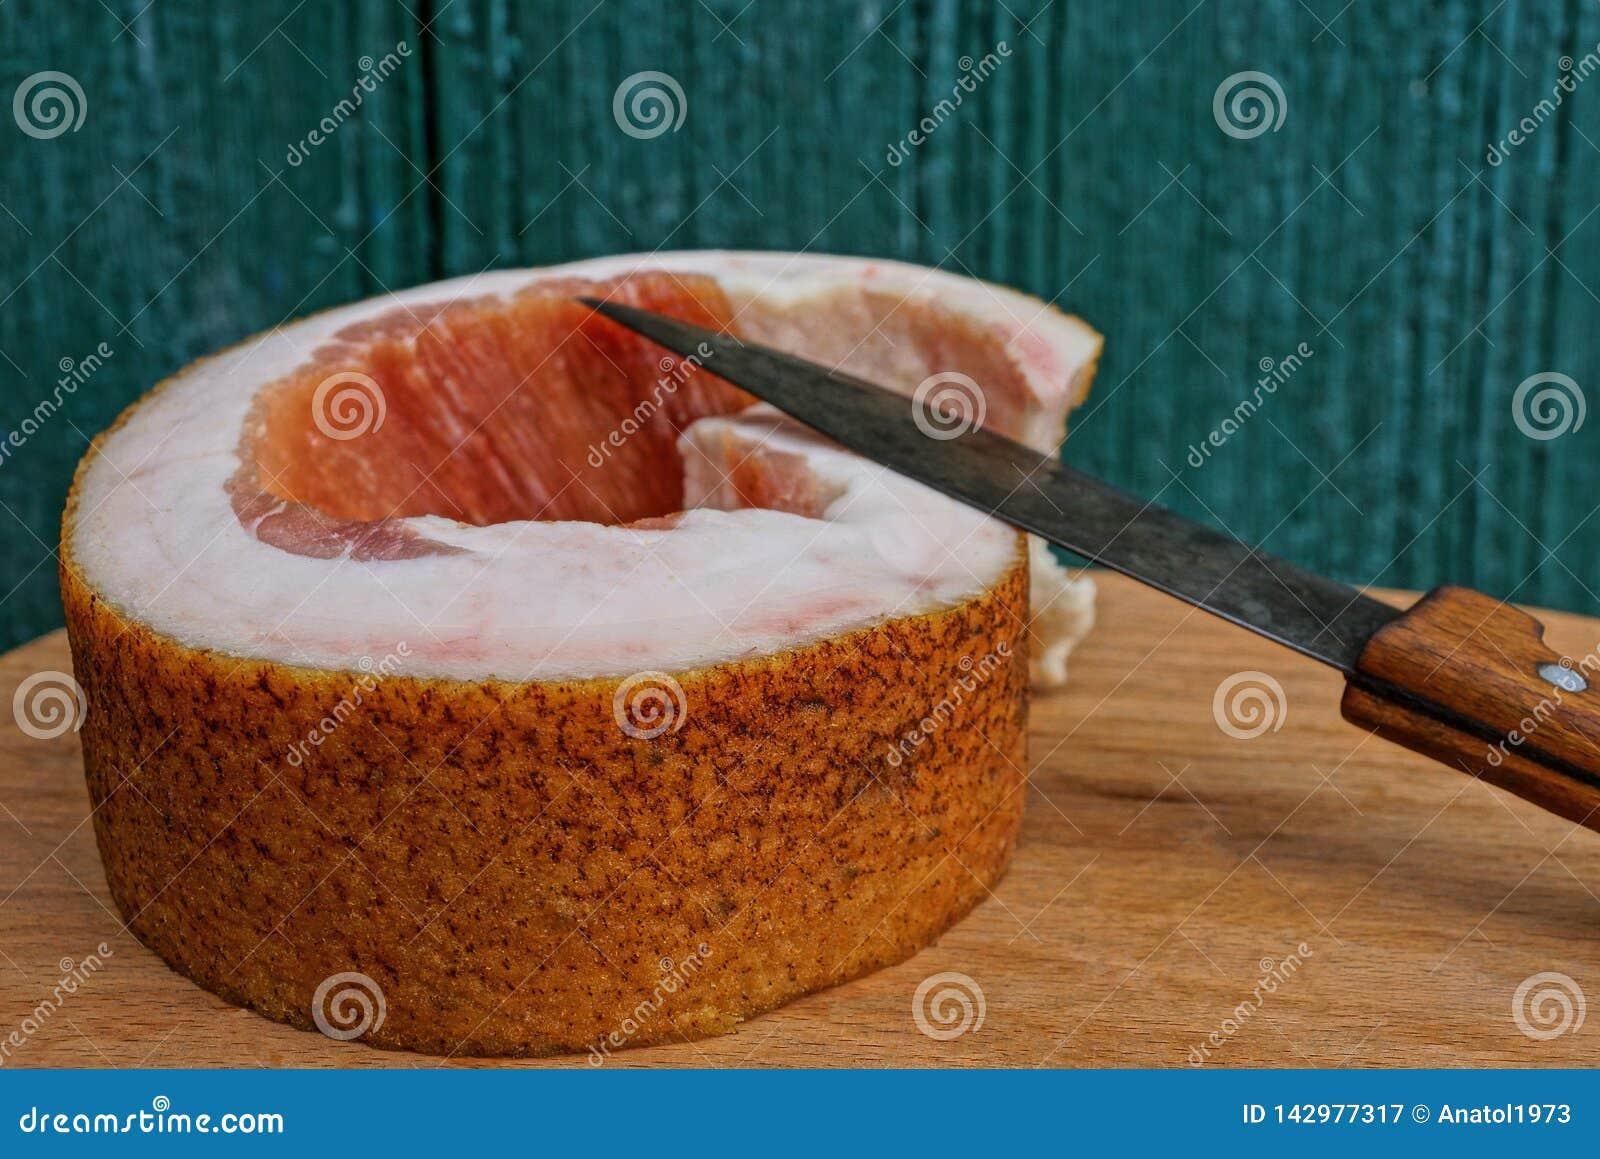 Ett långt stycke av nytt griskött späcker, och en kniv lägger på en brun träplanka mot en grön vägg